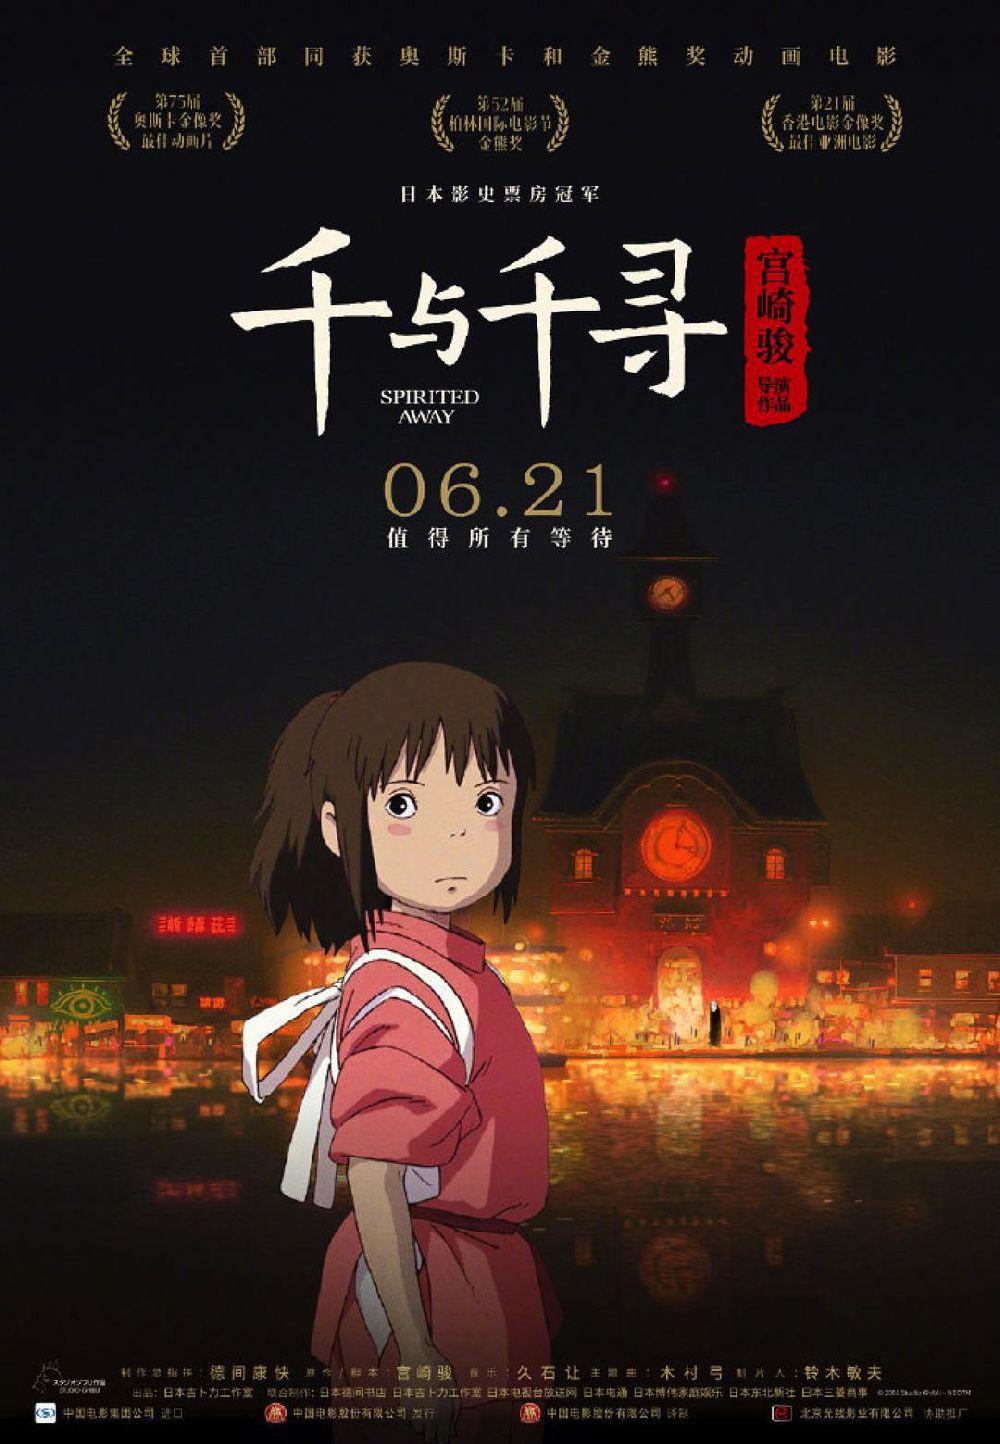 《千与千寻》发布汤屋全景图 开启宫崎骏的神隐世界